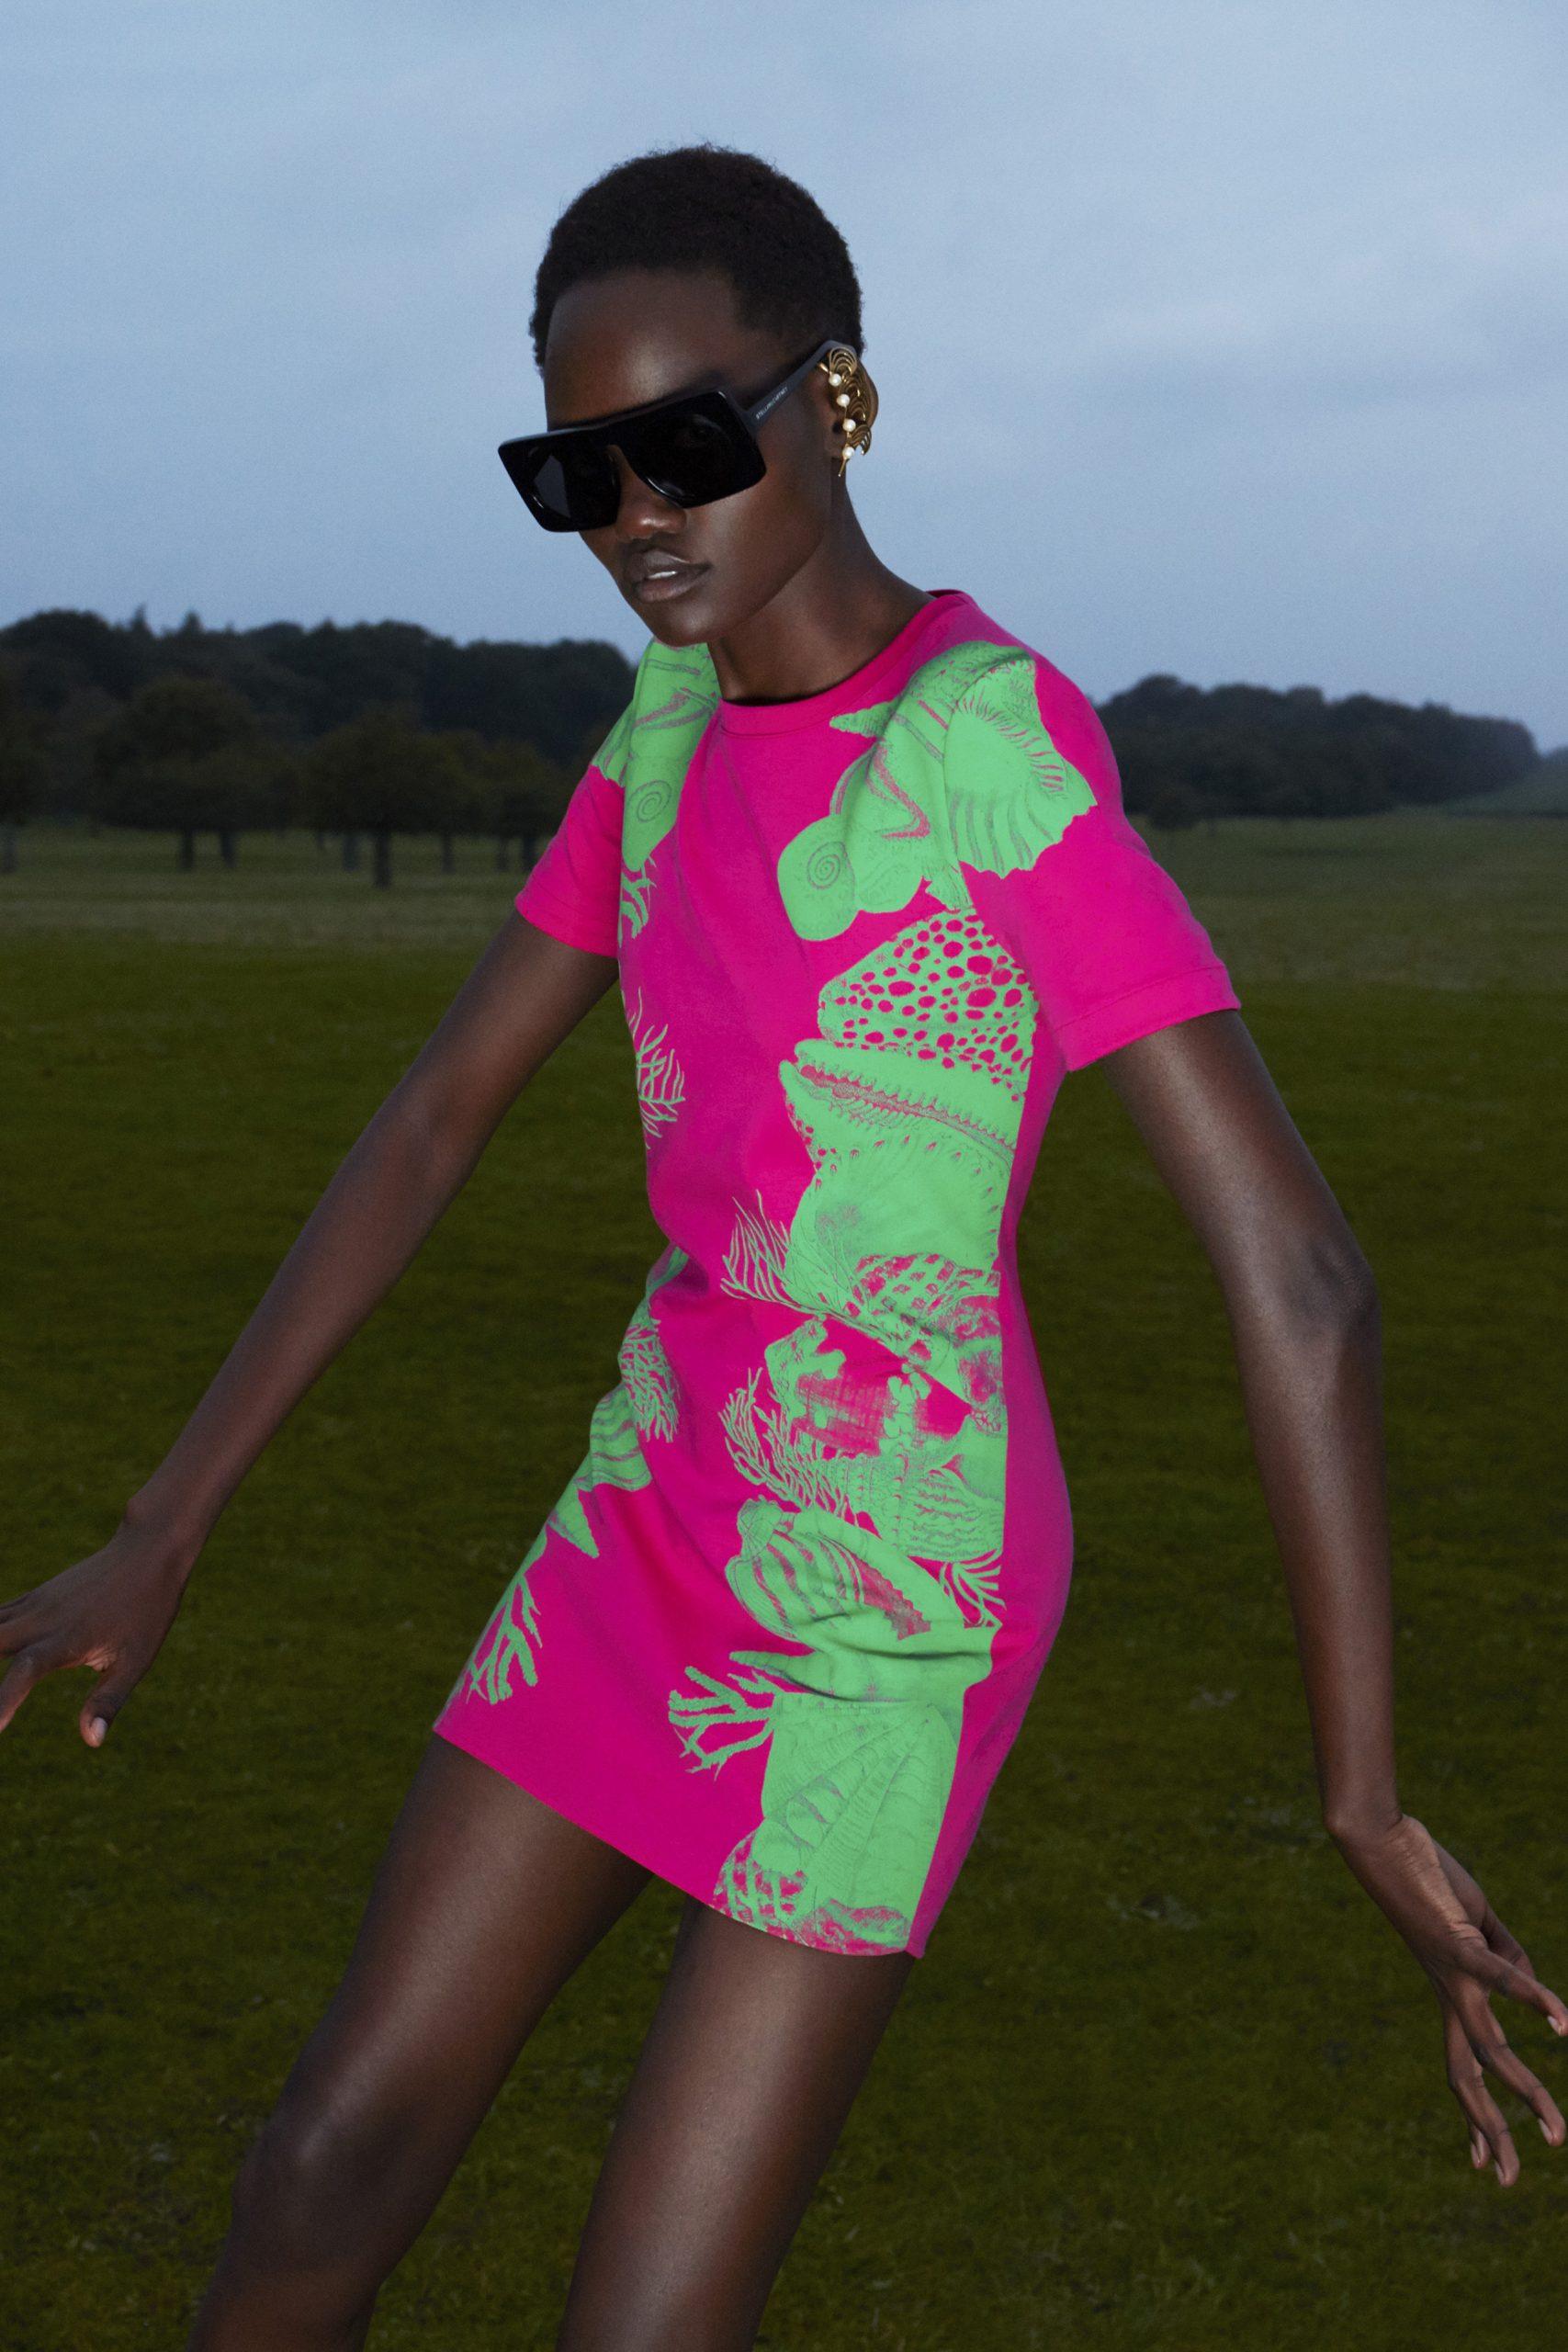 20. kép: Párizsi divathét - 2021-es tavaszi-nyári ready to wear kollekció - Stella McCartney